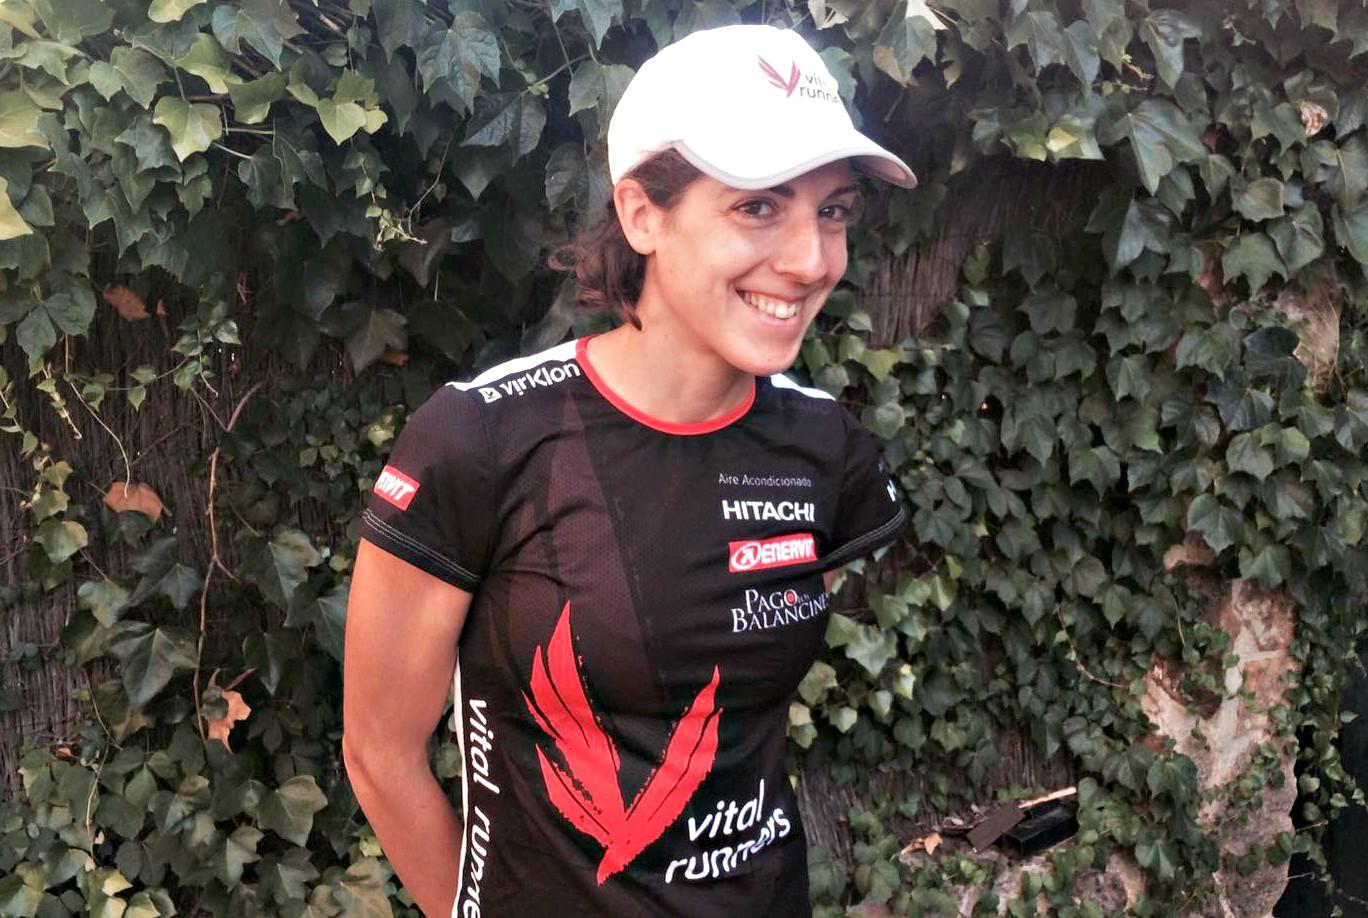 2º puesto en los 3000m del Meeting de Cáceres 2016